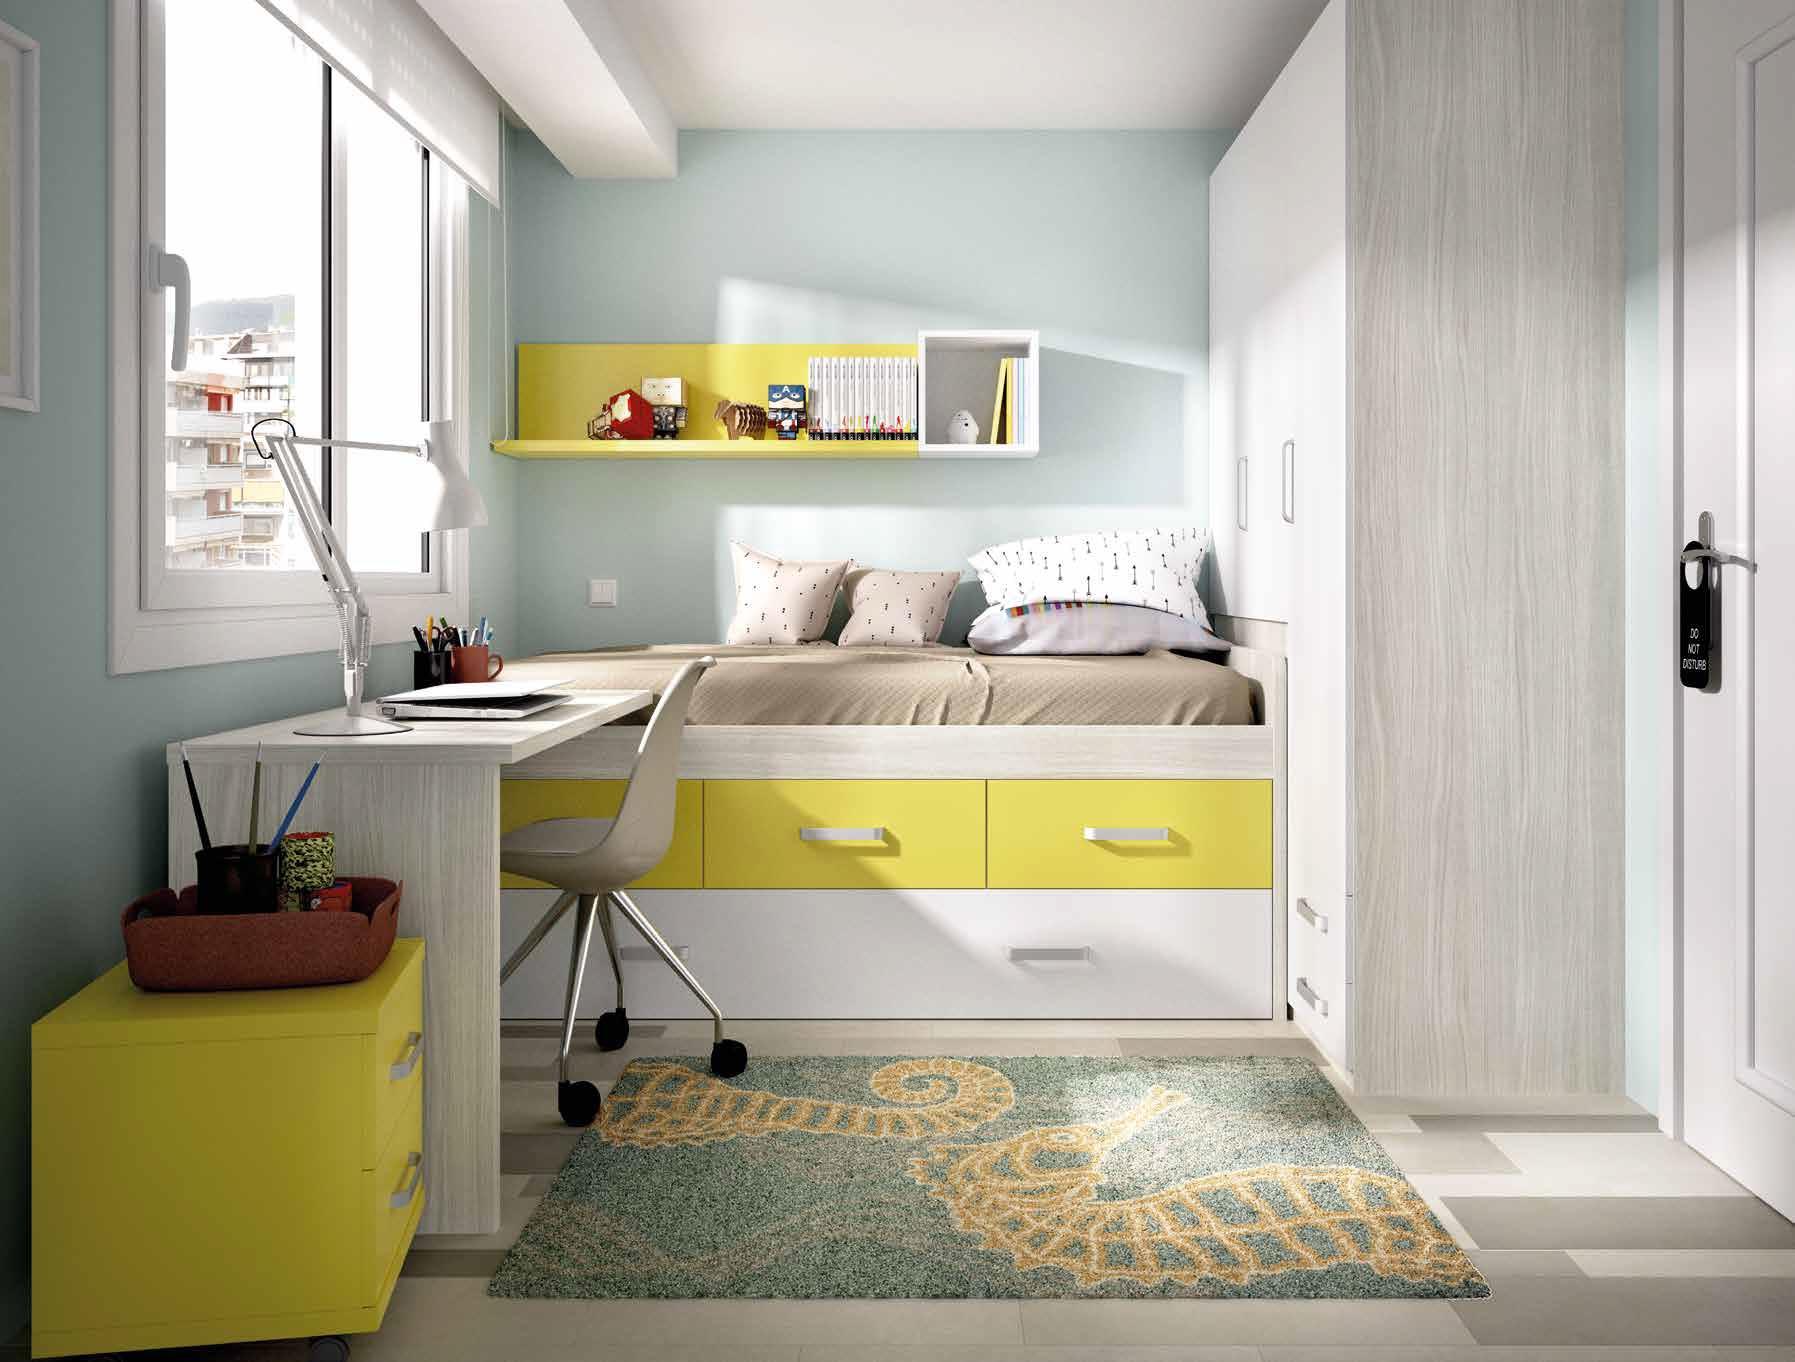 compactos-ONE-19-muebles-paco-caballero-512-5ccc174c74ce4